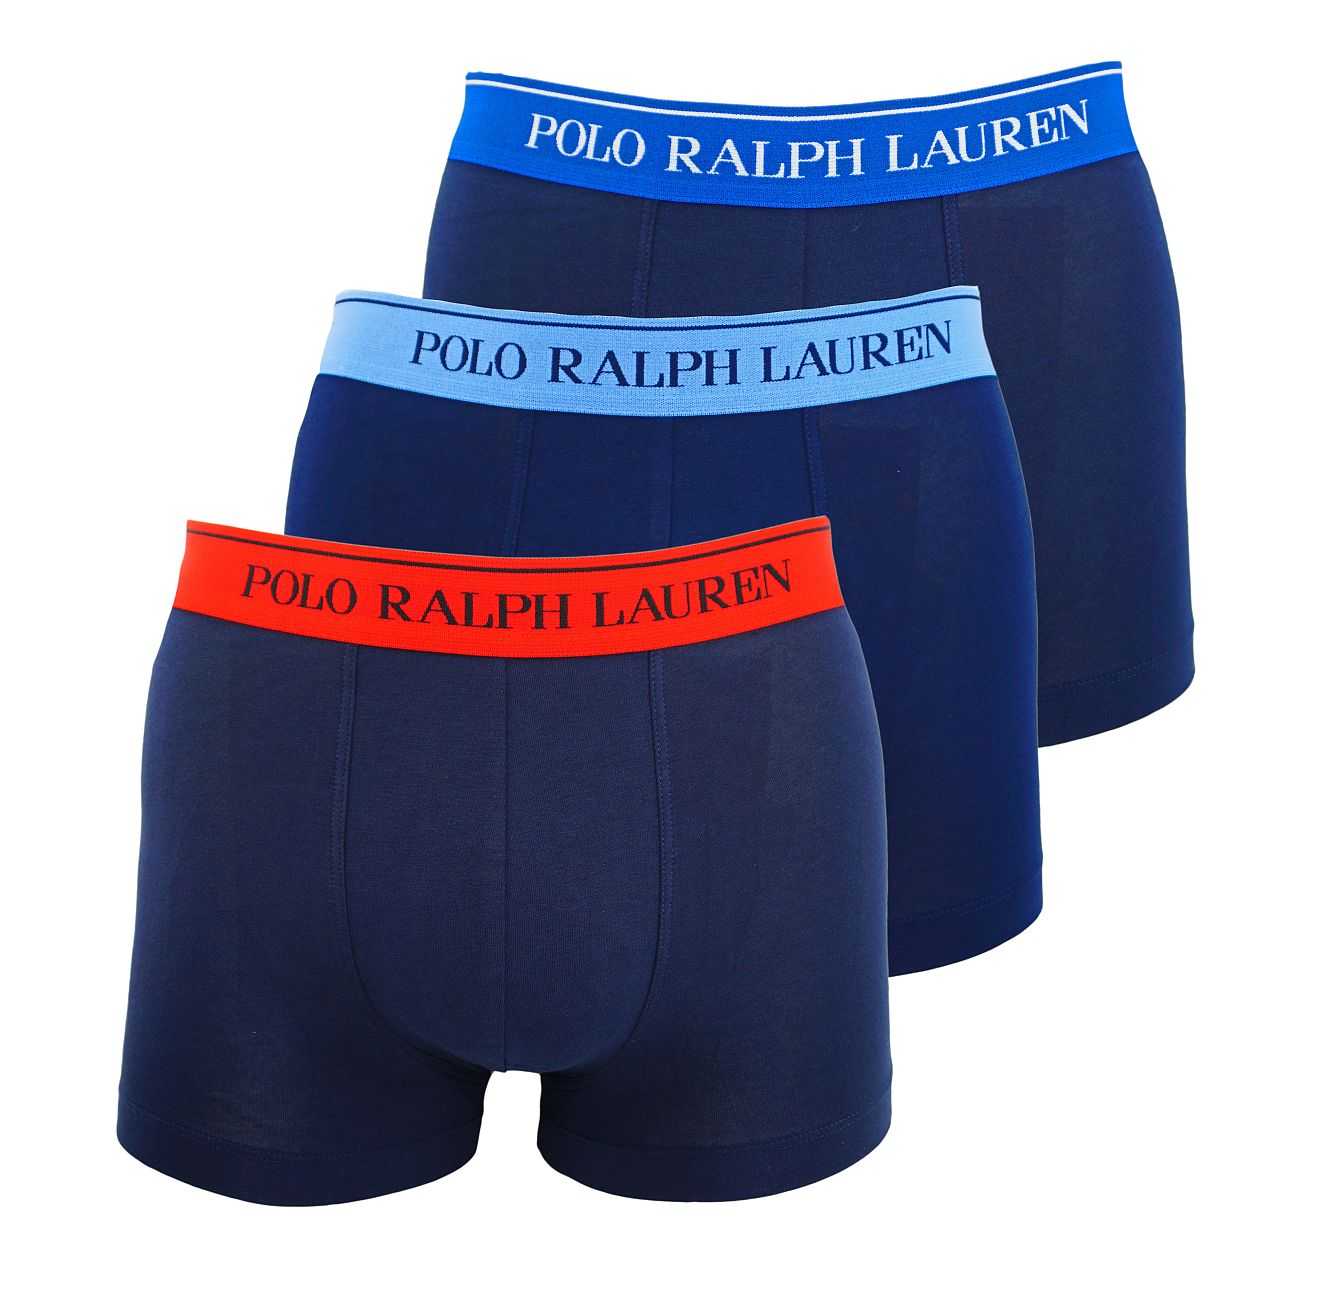 Ralph Lauren 3er Pack Classic Trunks Multicolor 714662050007 S18-RLT1